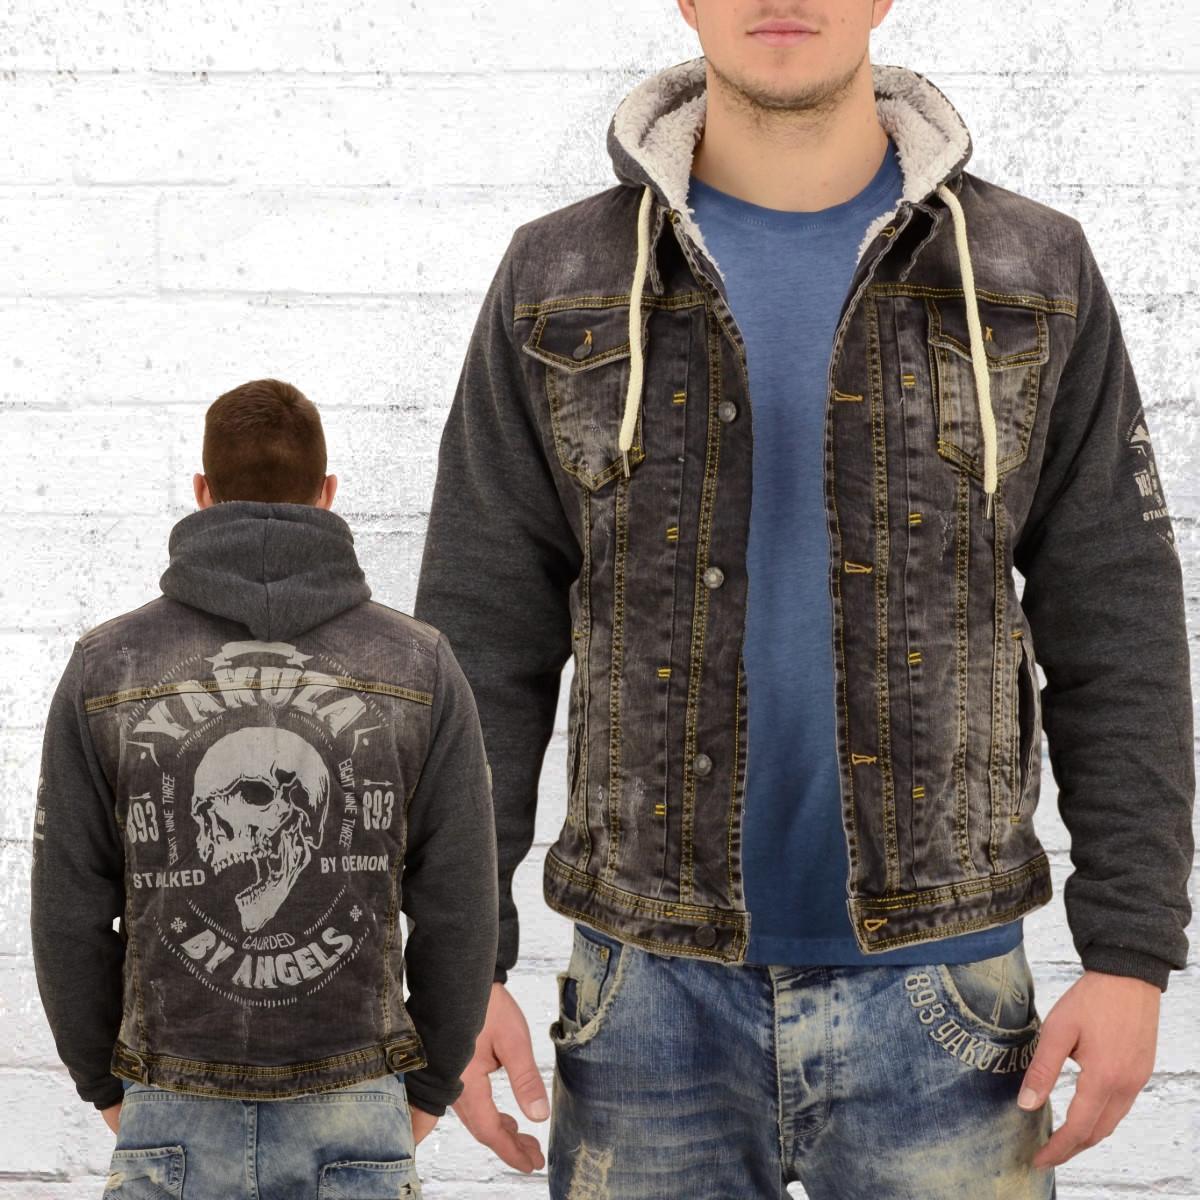 jetzt bestellen yakuza m nner jeans jacke mit fell devils teddy 11051 vintage schwarz krasse. Black Bedroom Furniture Sets. Home Design Ideas